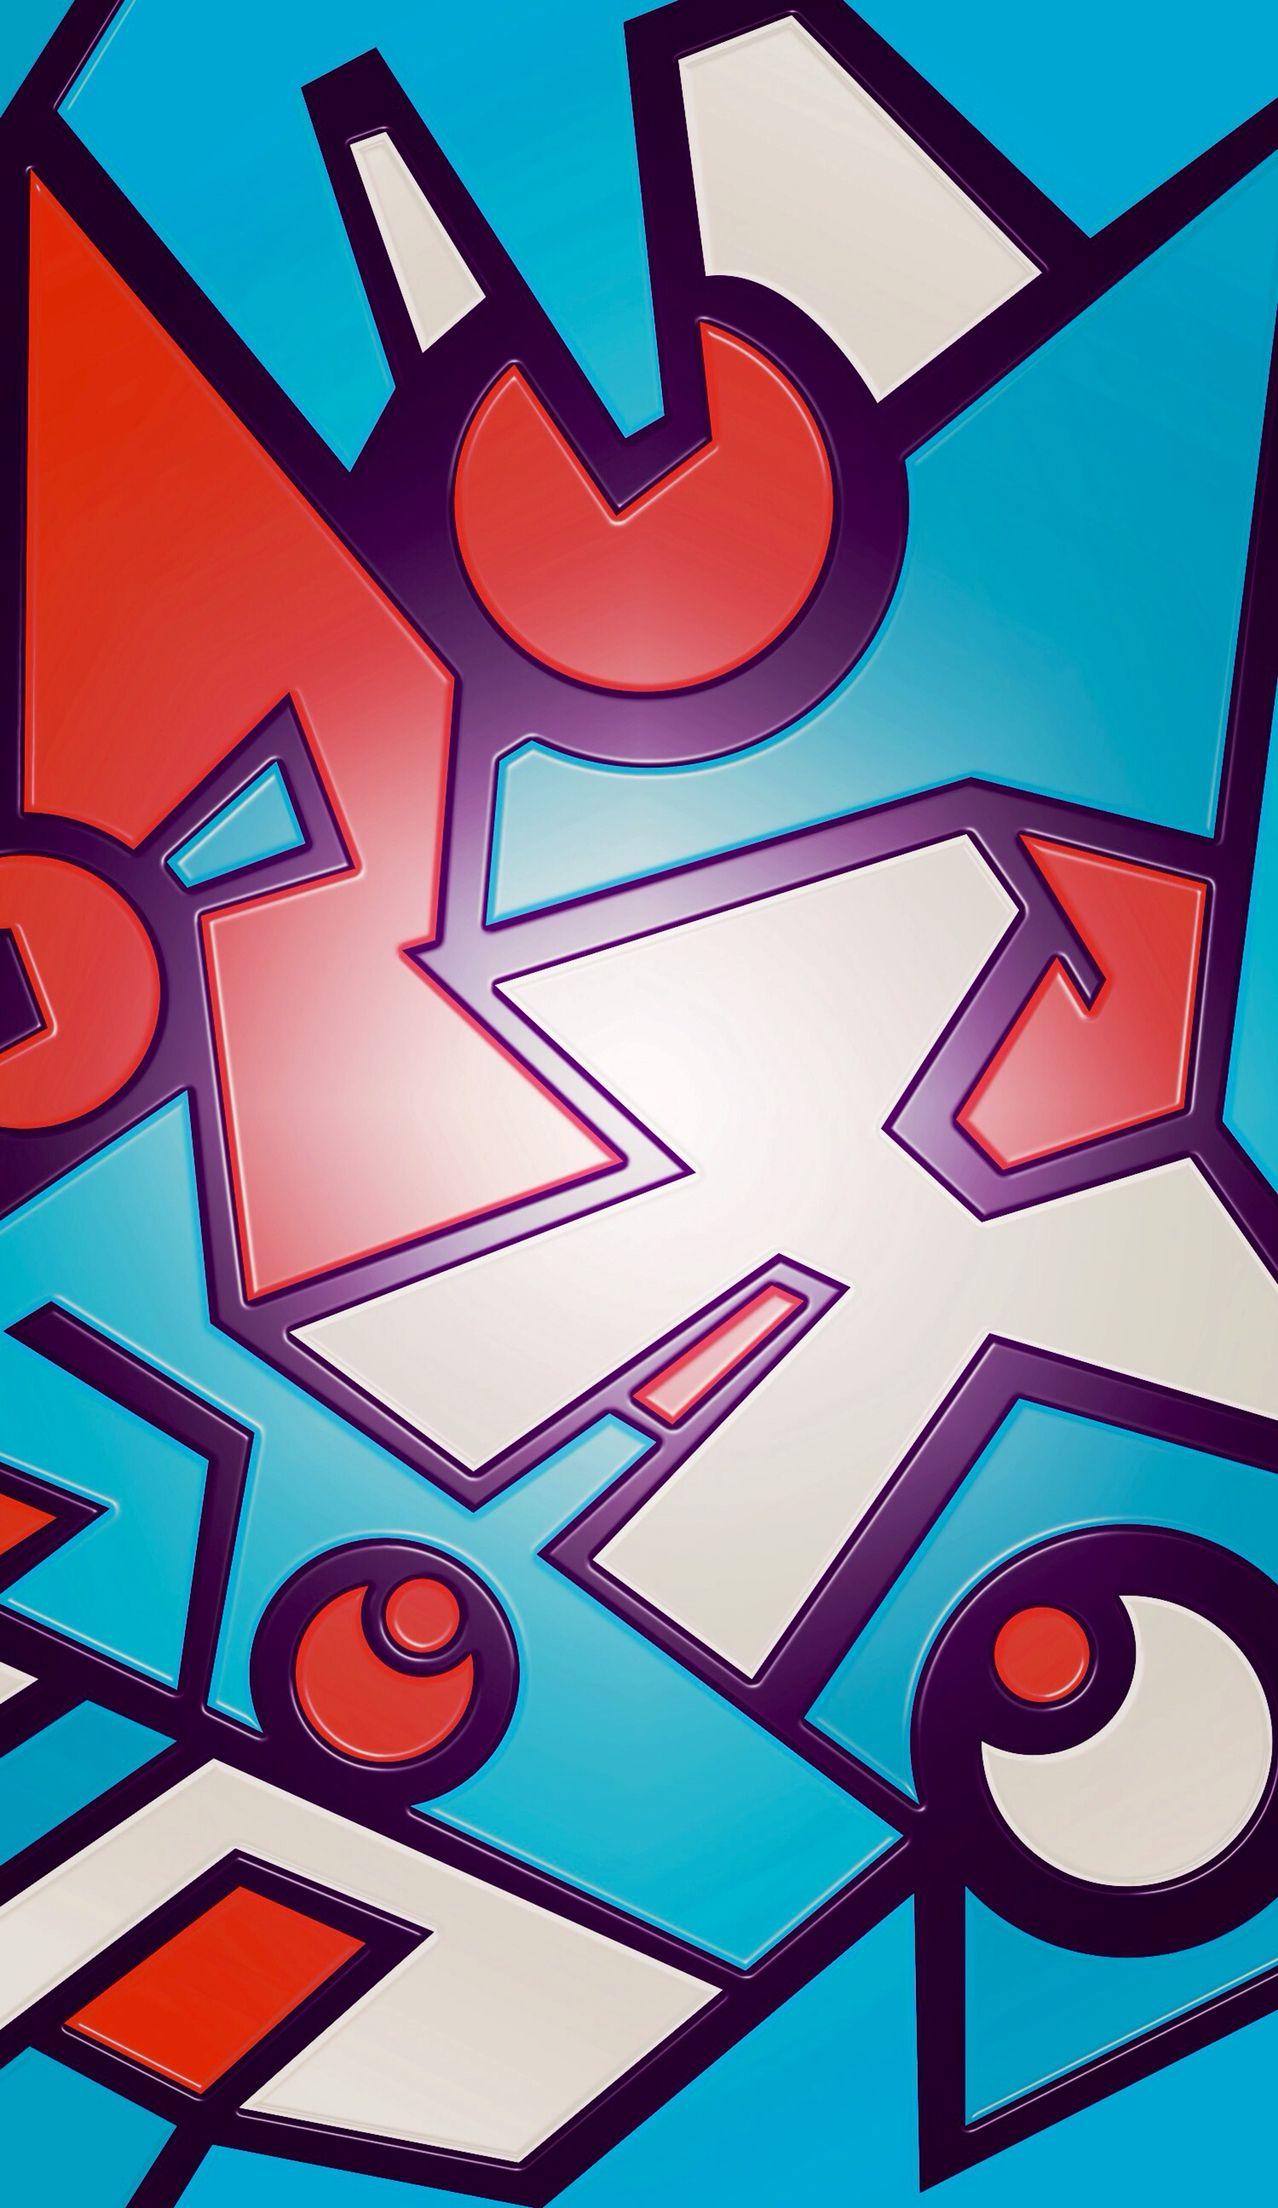 Save and set Graffiti wallpaper, Abstract wallpaper